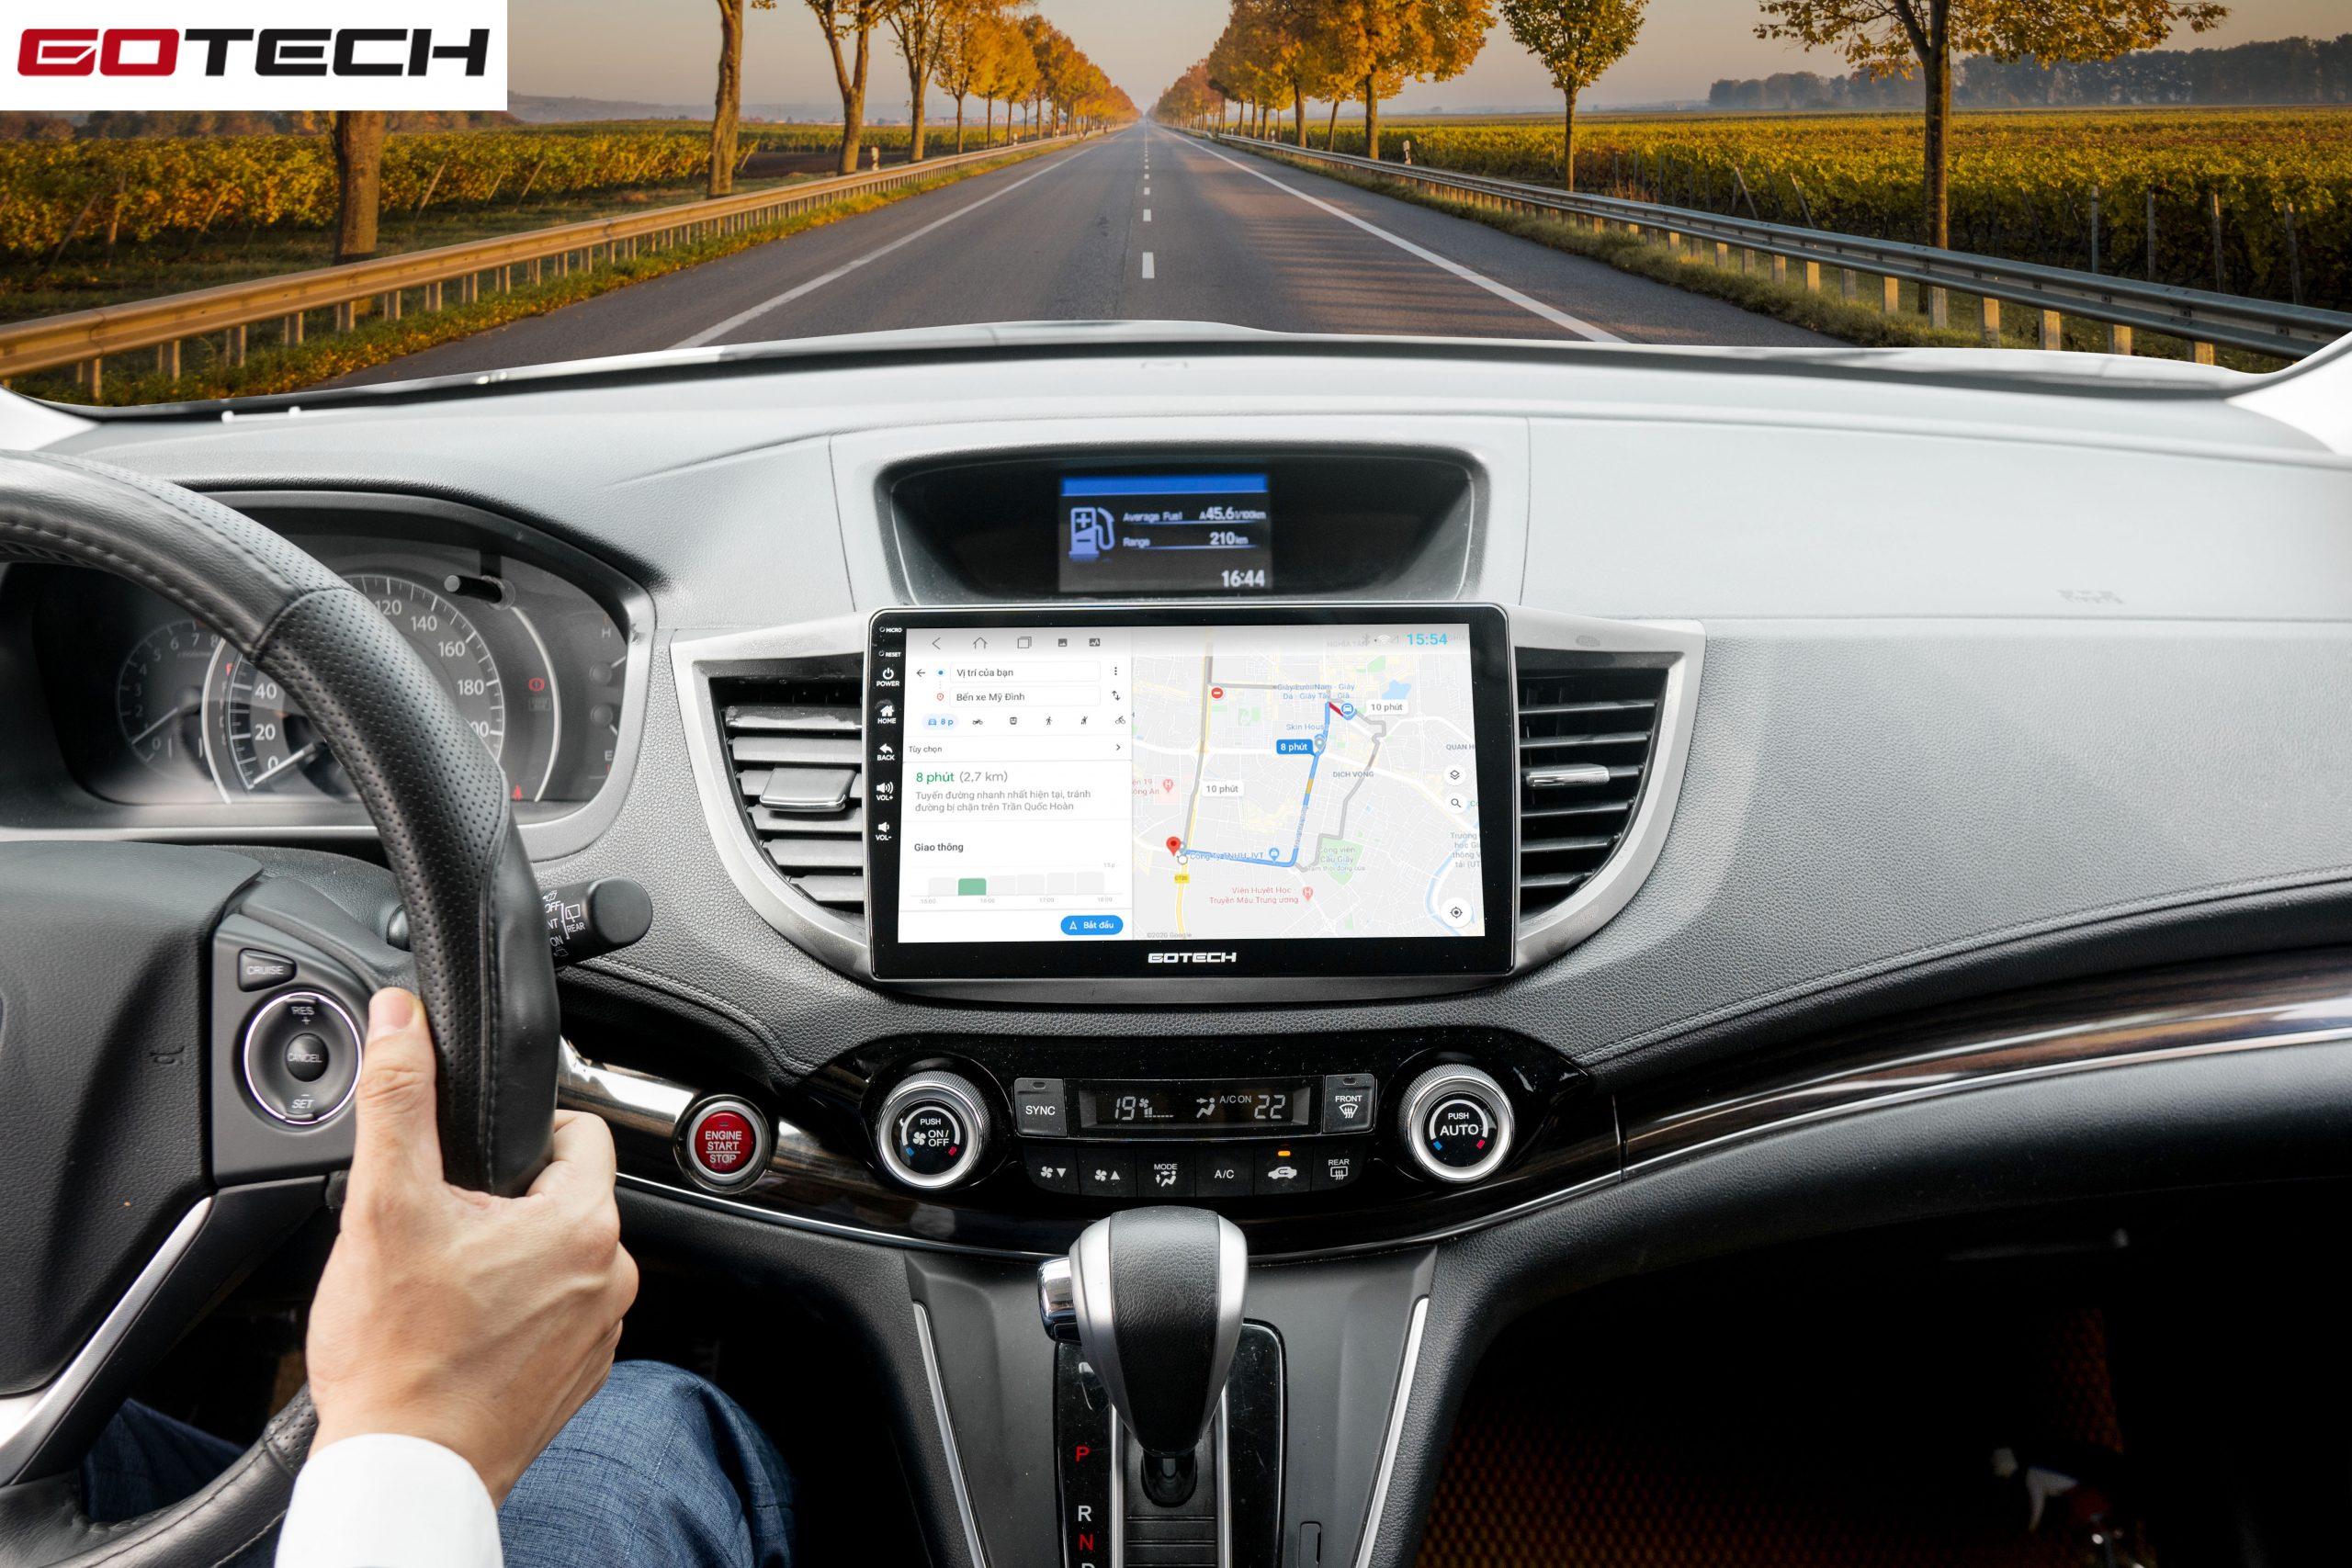 Màn hình ô tô GOTECH GT8 Max chỉ đường thông minh